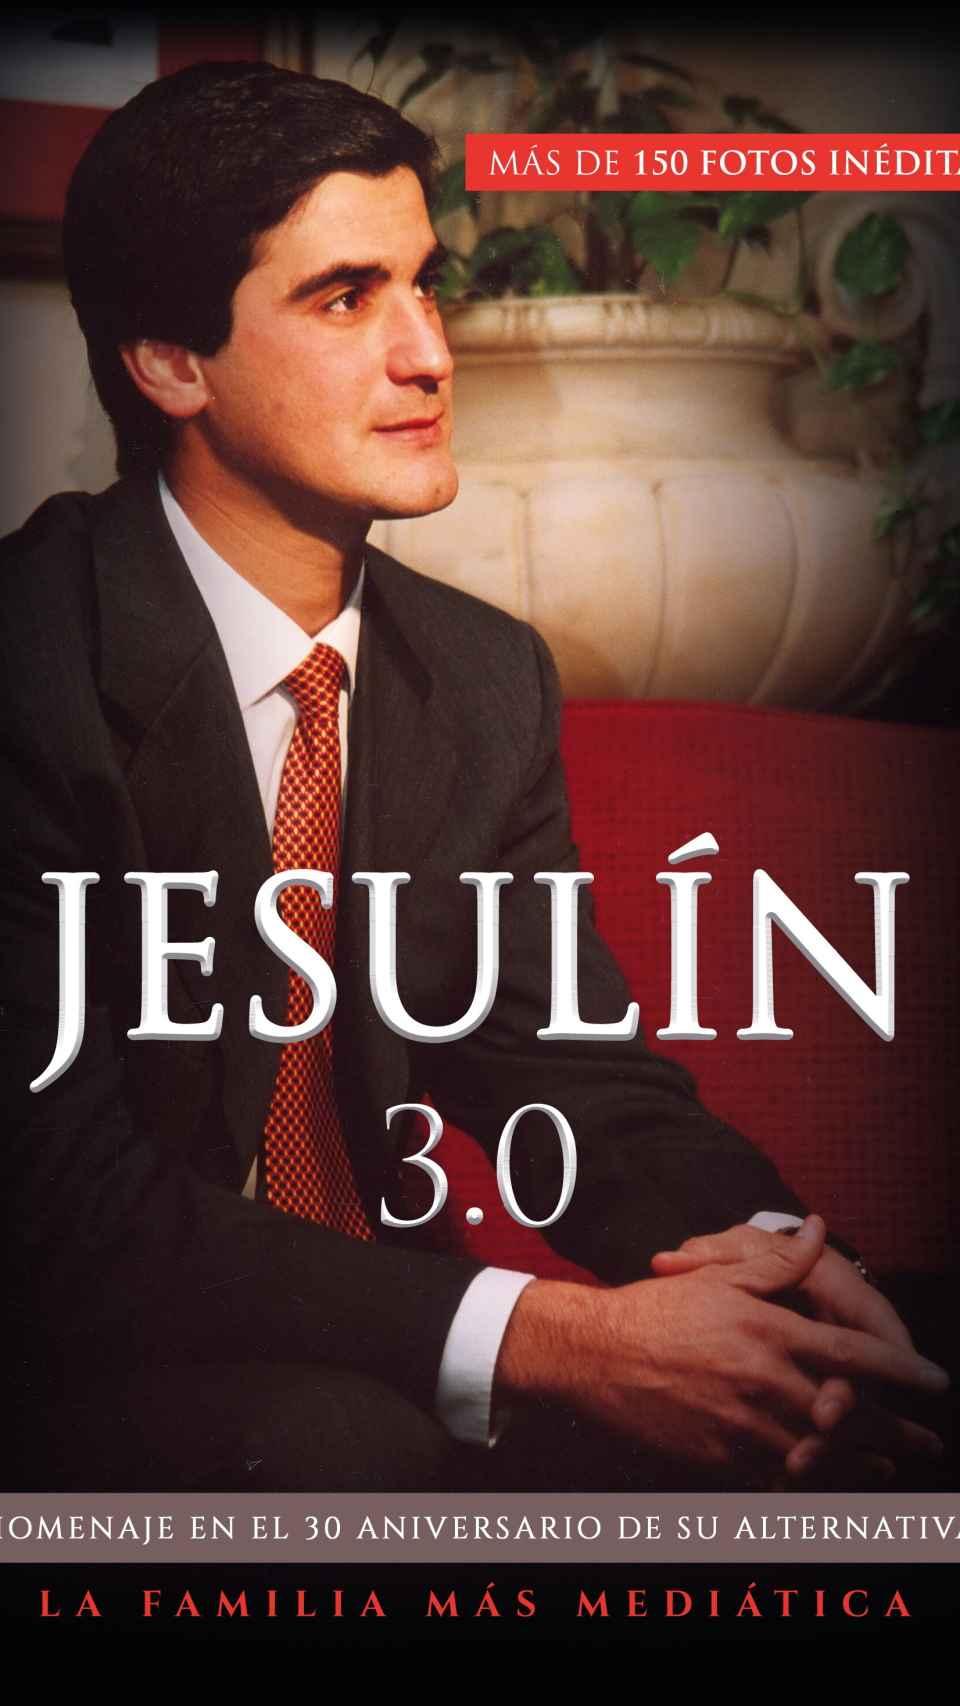 Portada de la biografía 'Jesulín 3.0'.